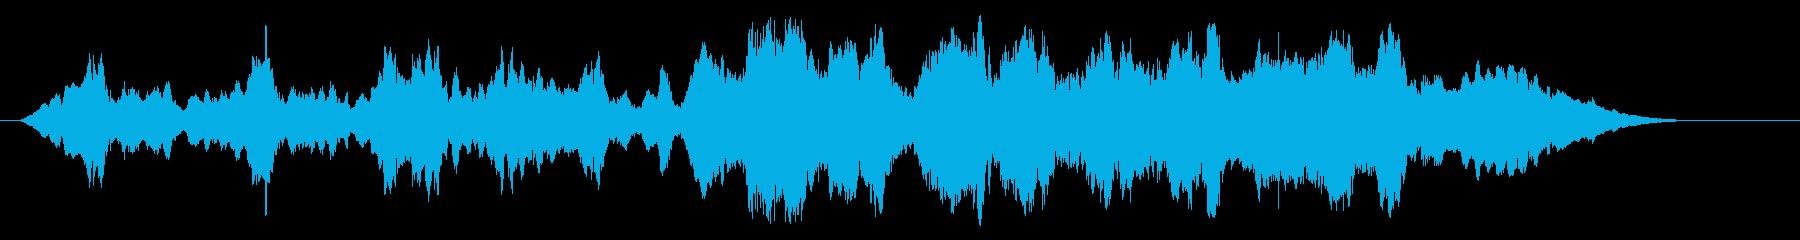 場面の移り変わりに、ストリングス曲です。の再生済みの波形